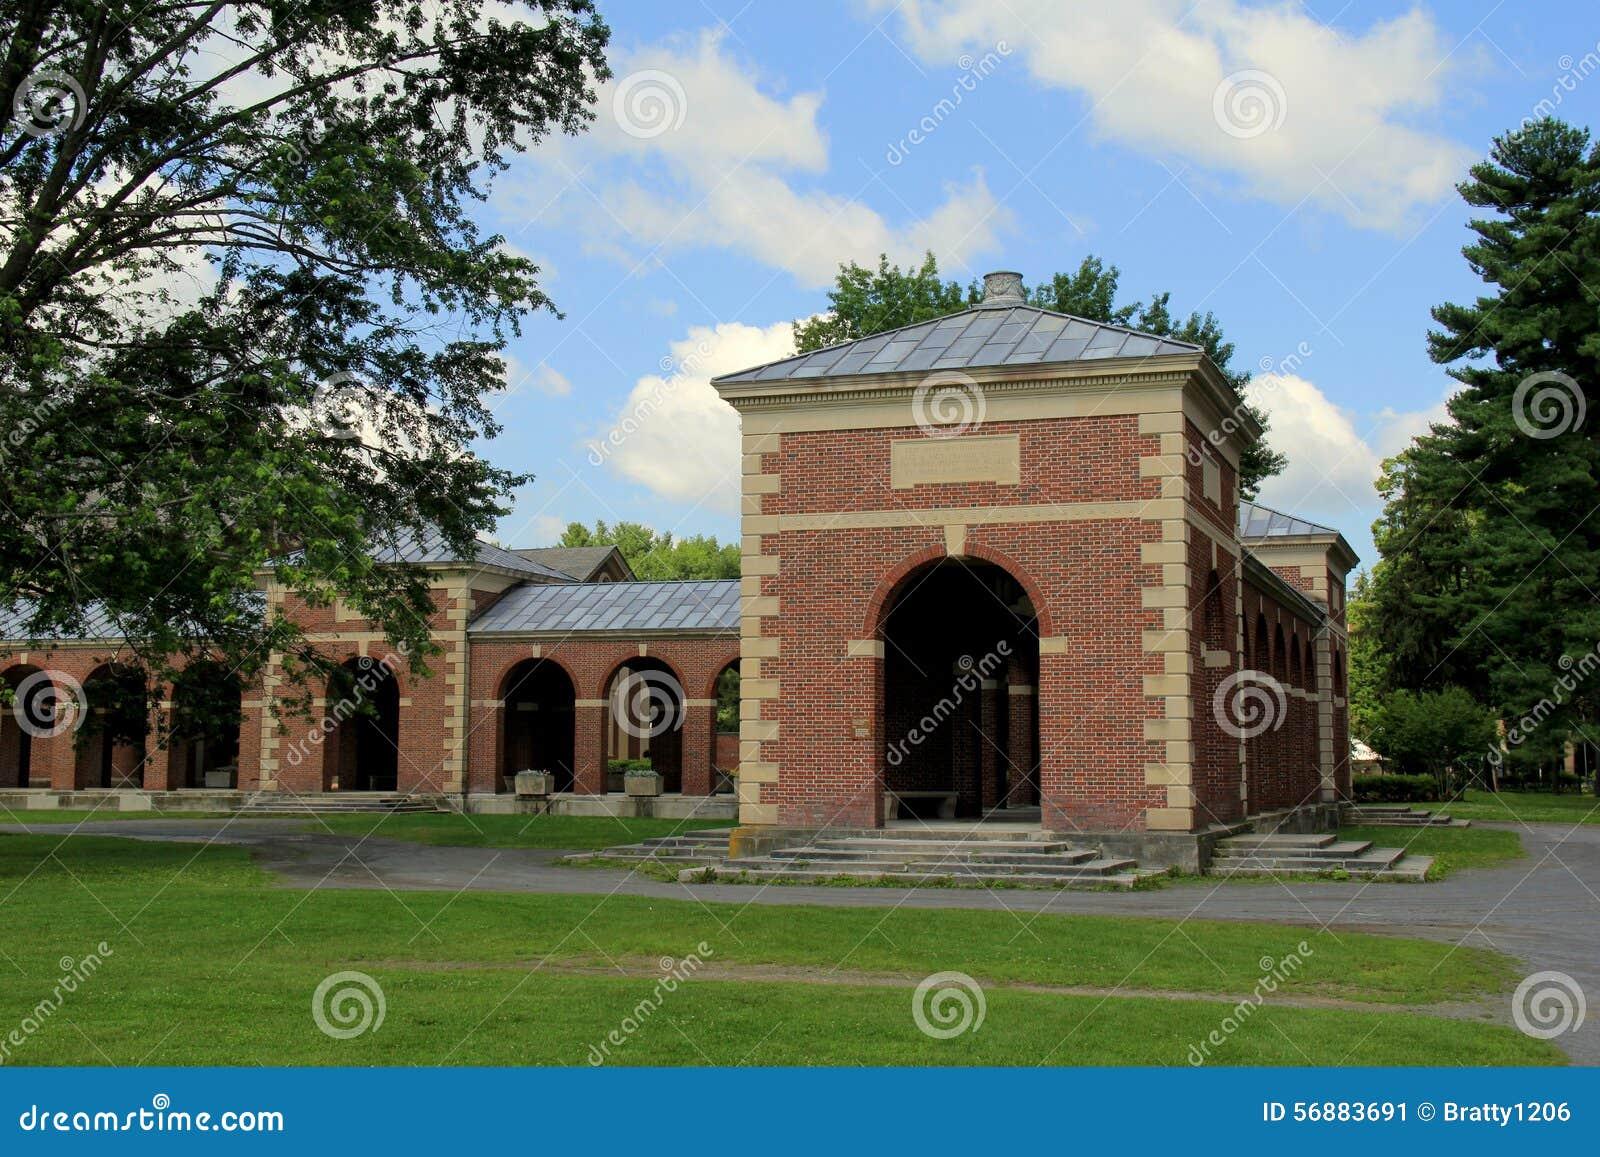 Una di molte belle strutture sulla proprietà, parco della stazione termale di Saratoga, Saratoga, New York, 2015